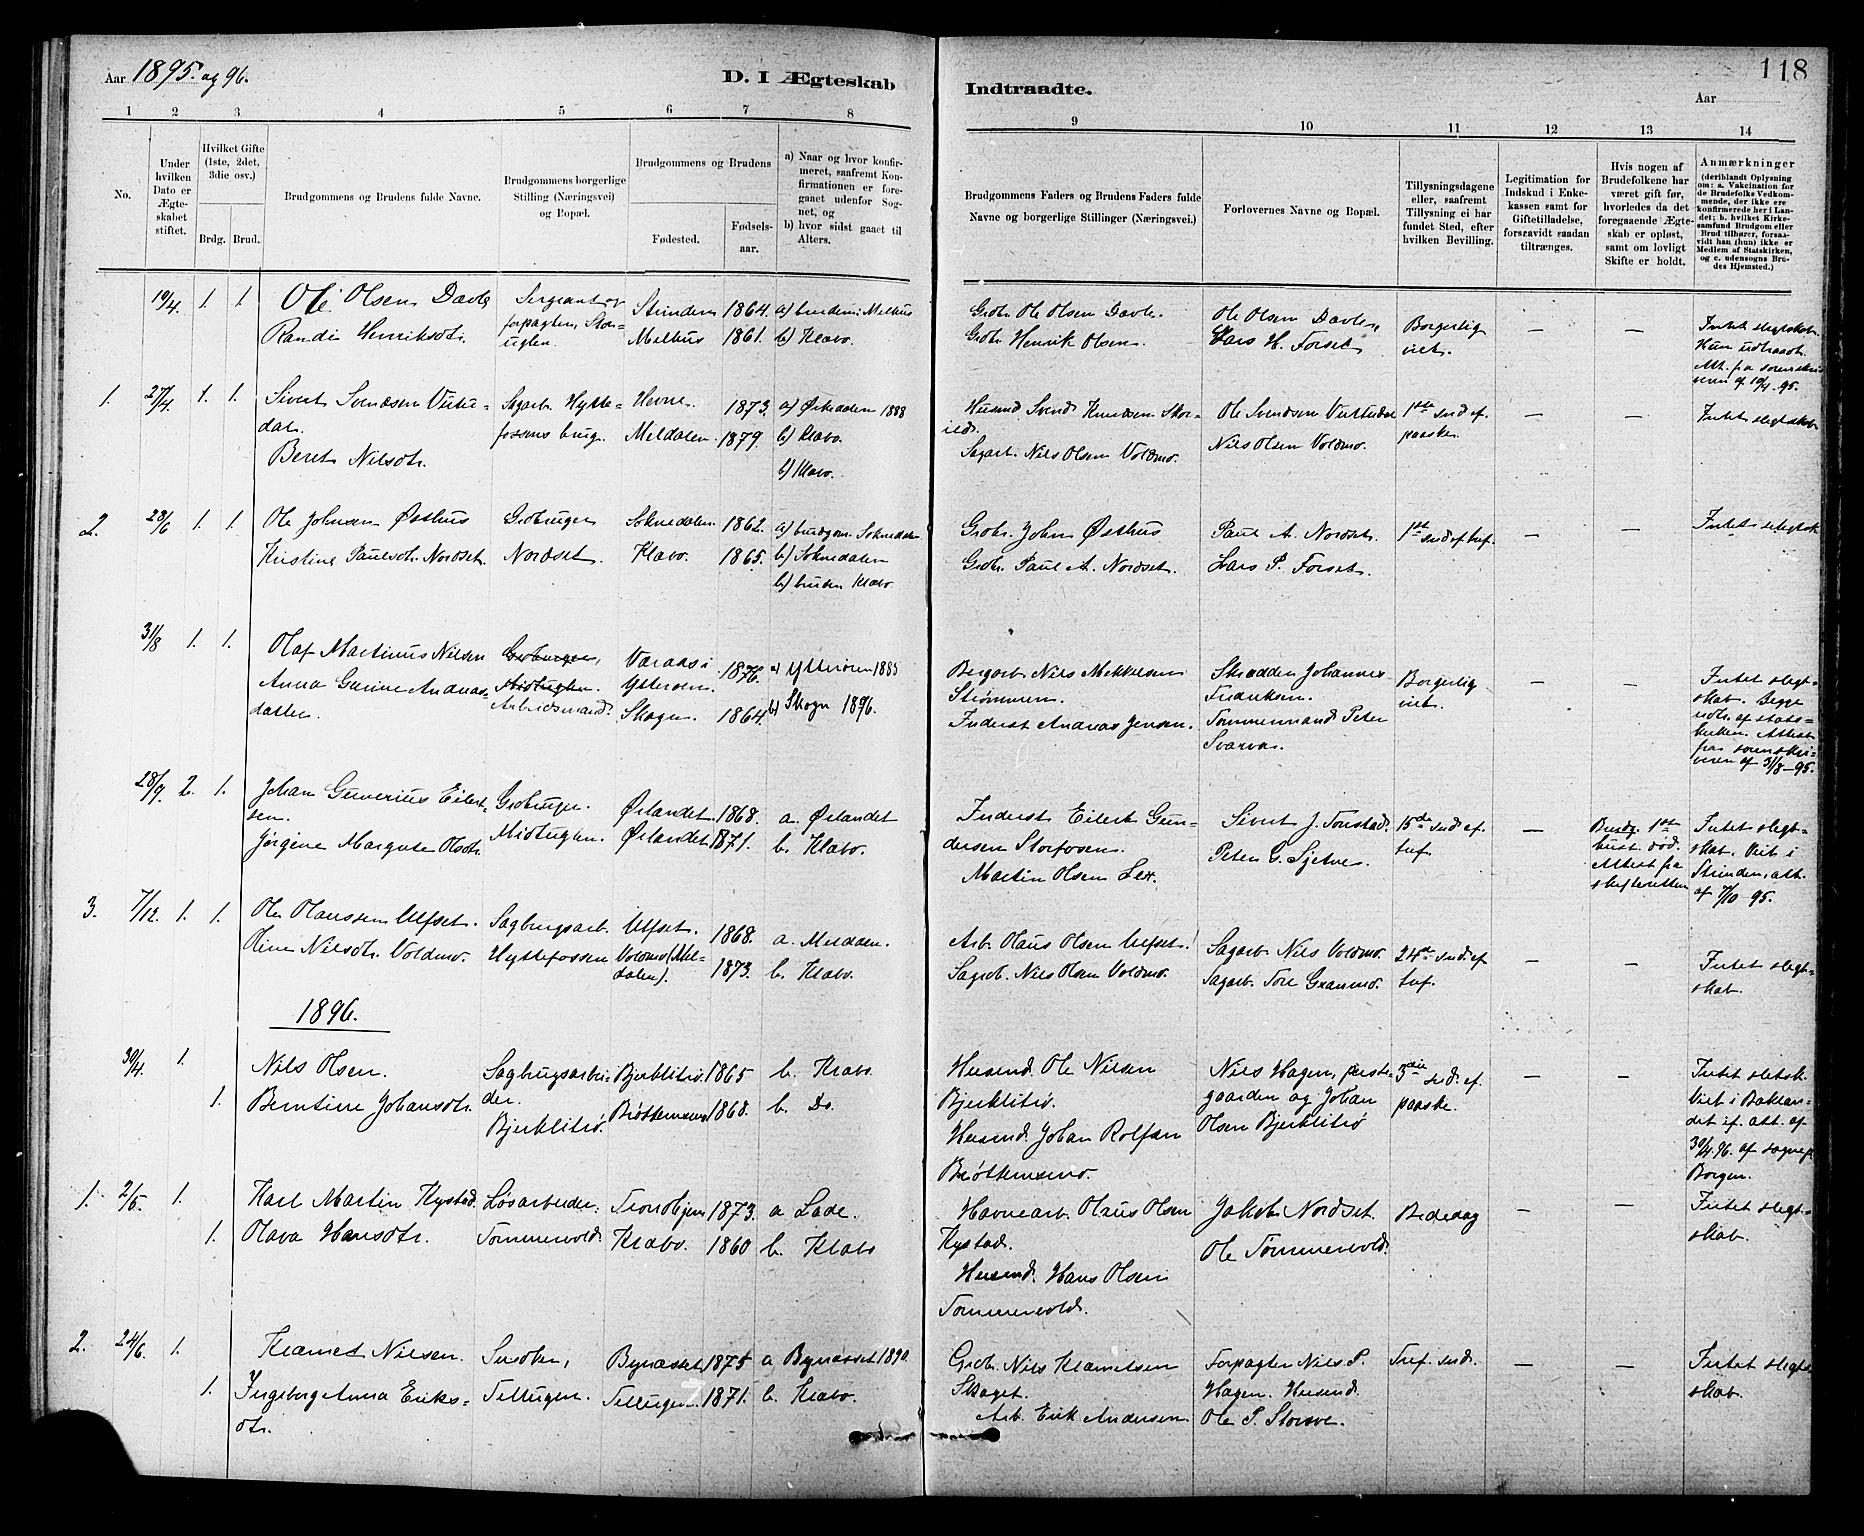 SAT, Ministerialprotokoller, klokkerbøker og fødselsregistre - Sør-Trøndelag, 618/L0452: Klokkerbok nr. 618C03, 1884-1906, s. 118